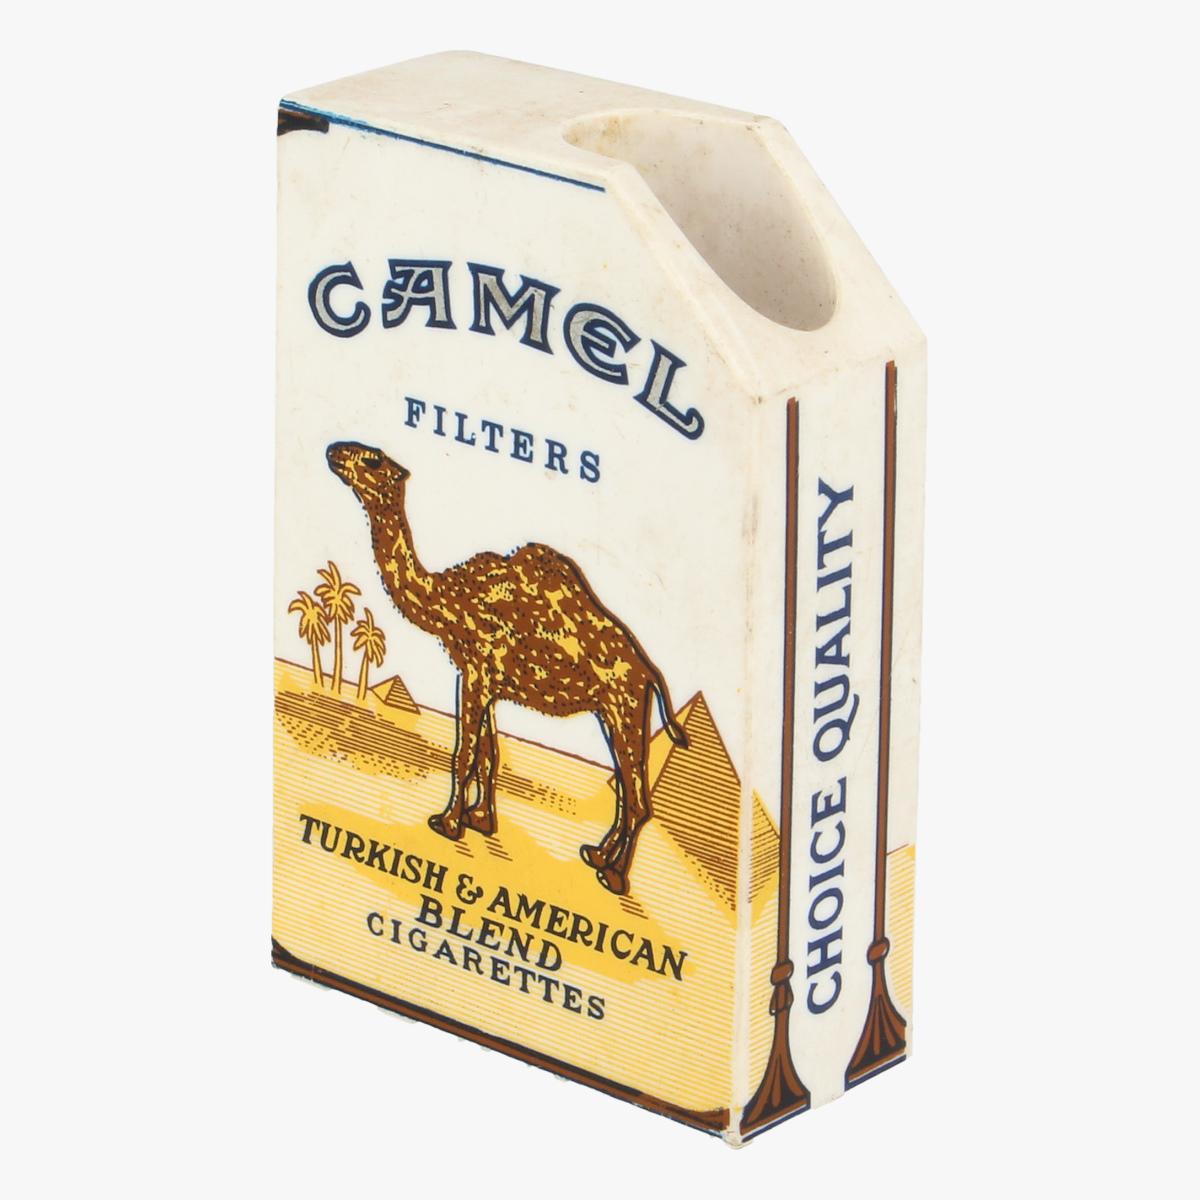 Afbeeldingen van houder voor aansteker camel filters